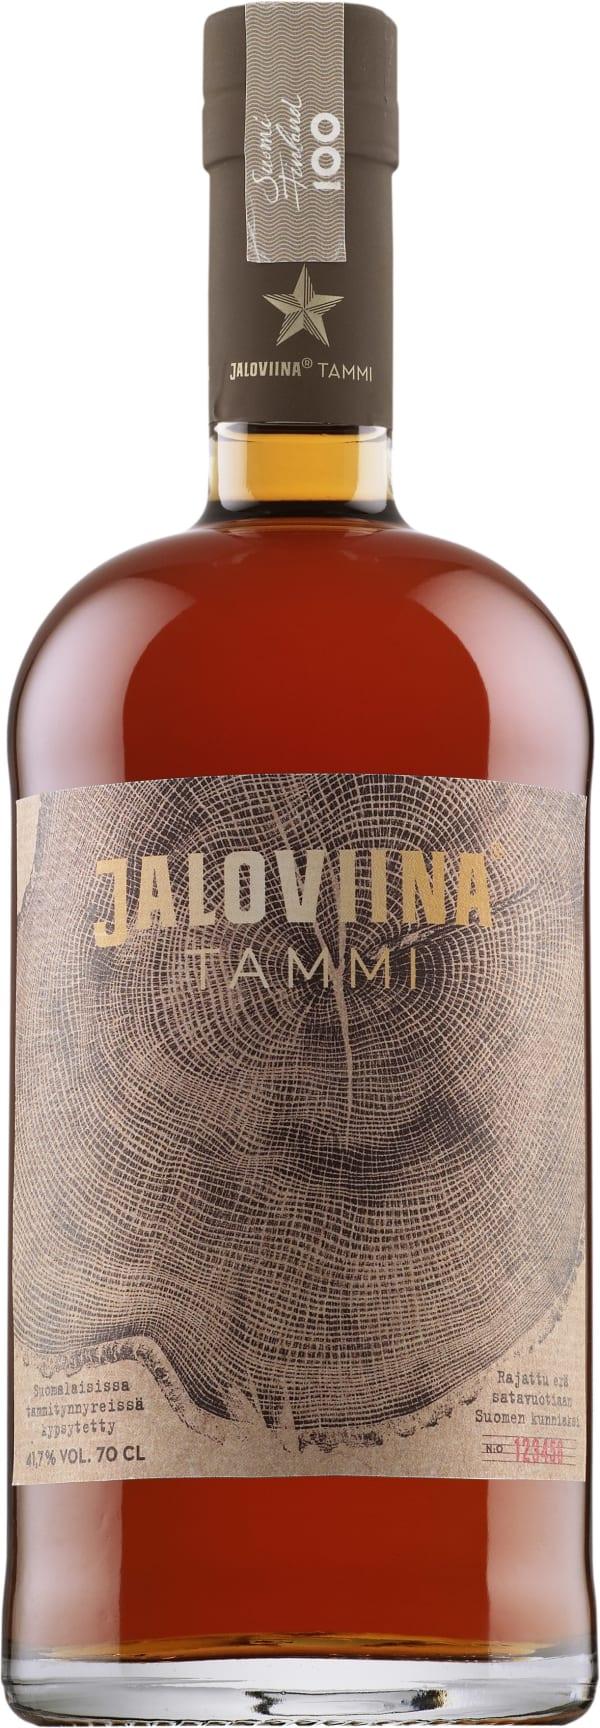 Jaloviina Tammi